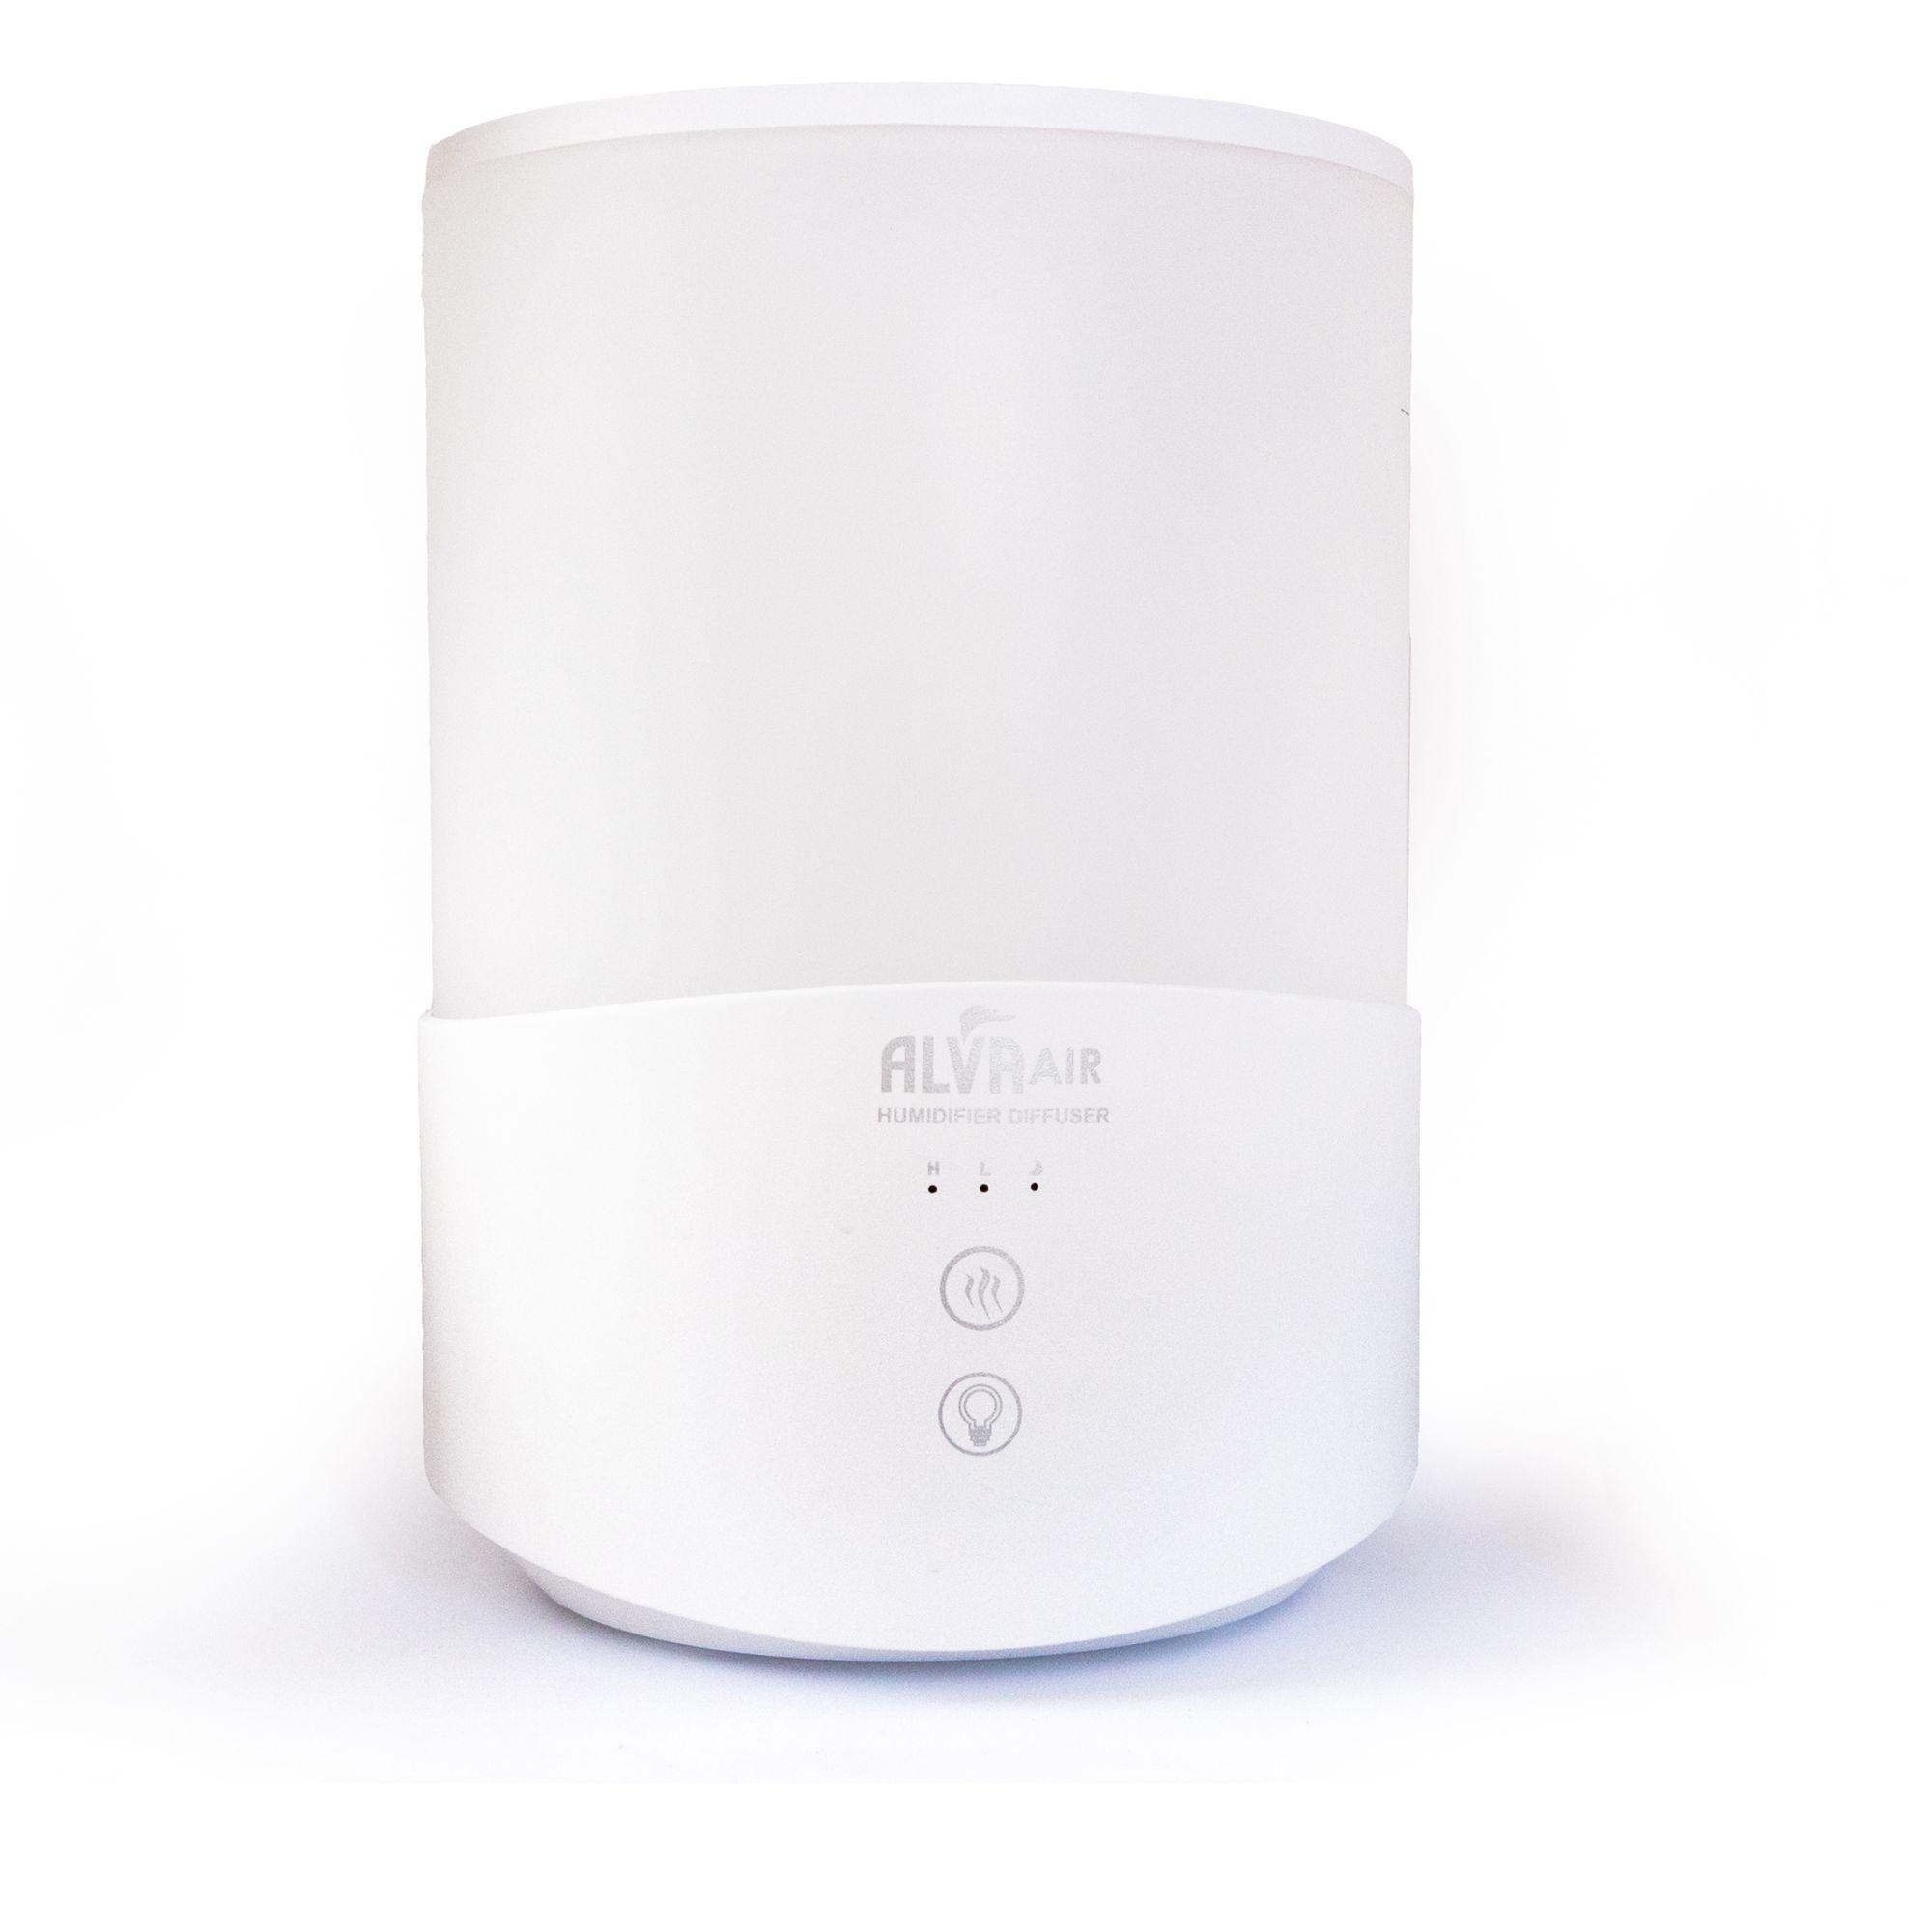 Alva Air - Ultrasonic Humidifier/Diffuser